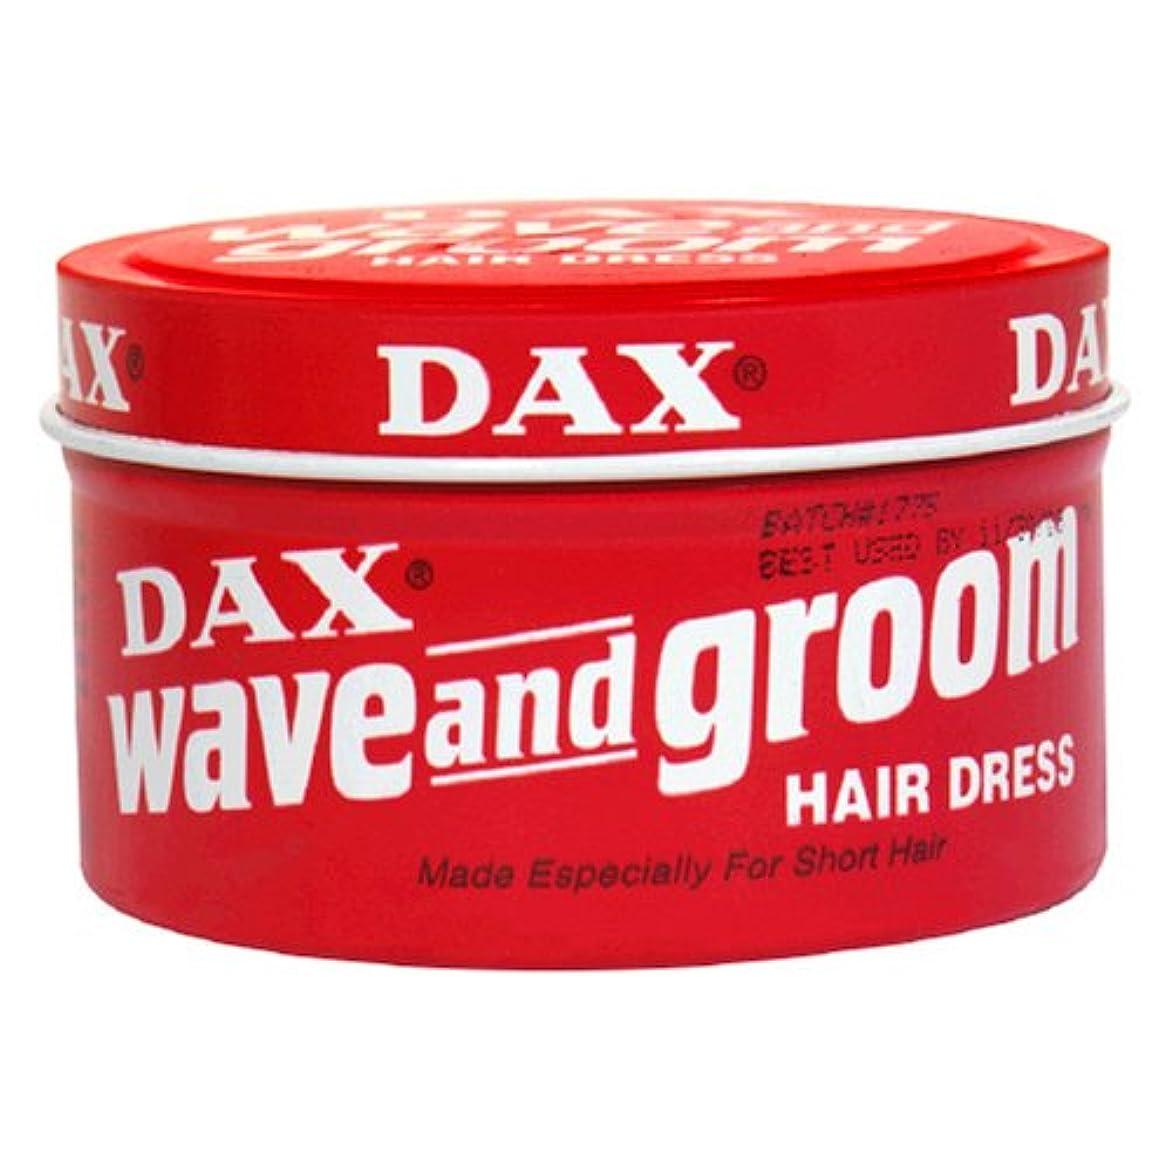 矢放棄された居住者Dax Wave & Groom Hair Dress 99 gm Jar (Case of 6) (並行輸入品)